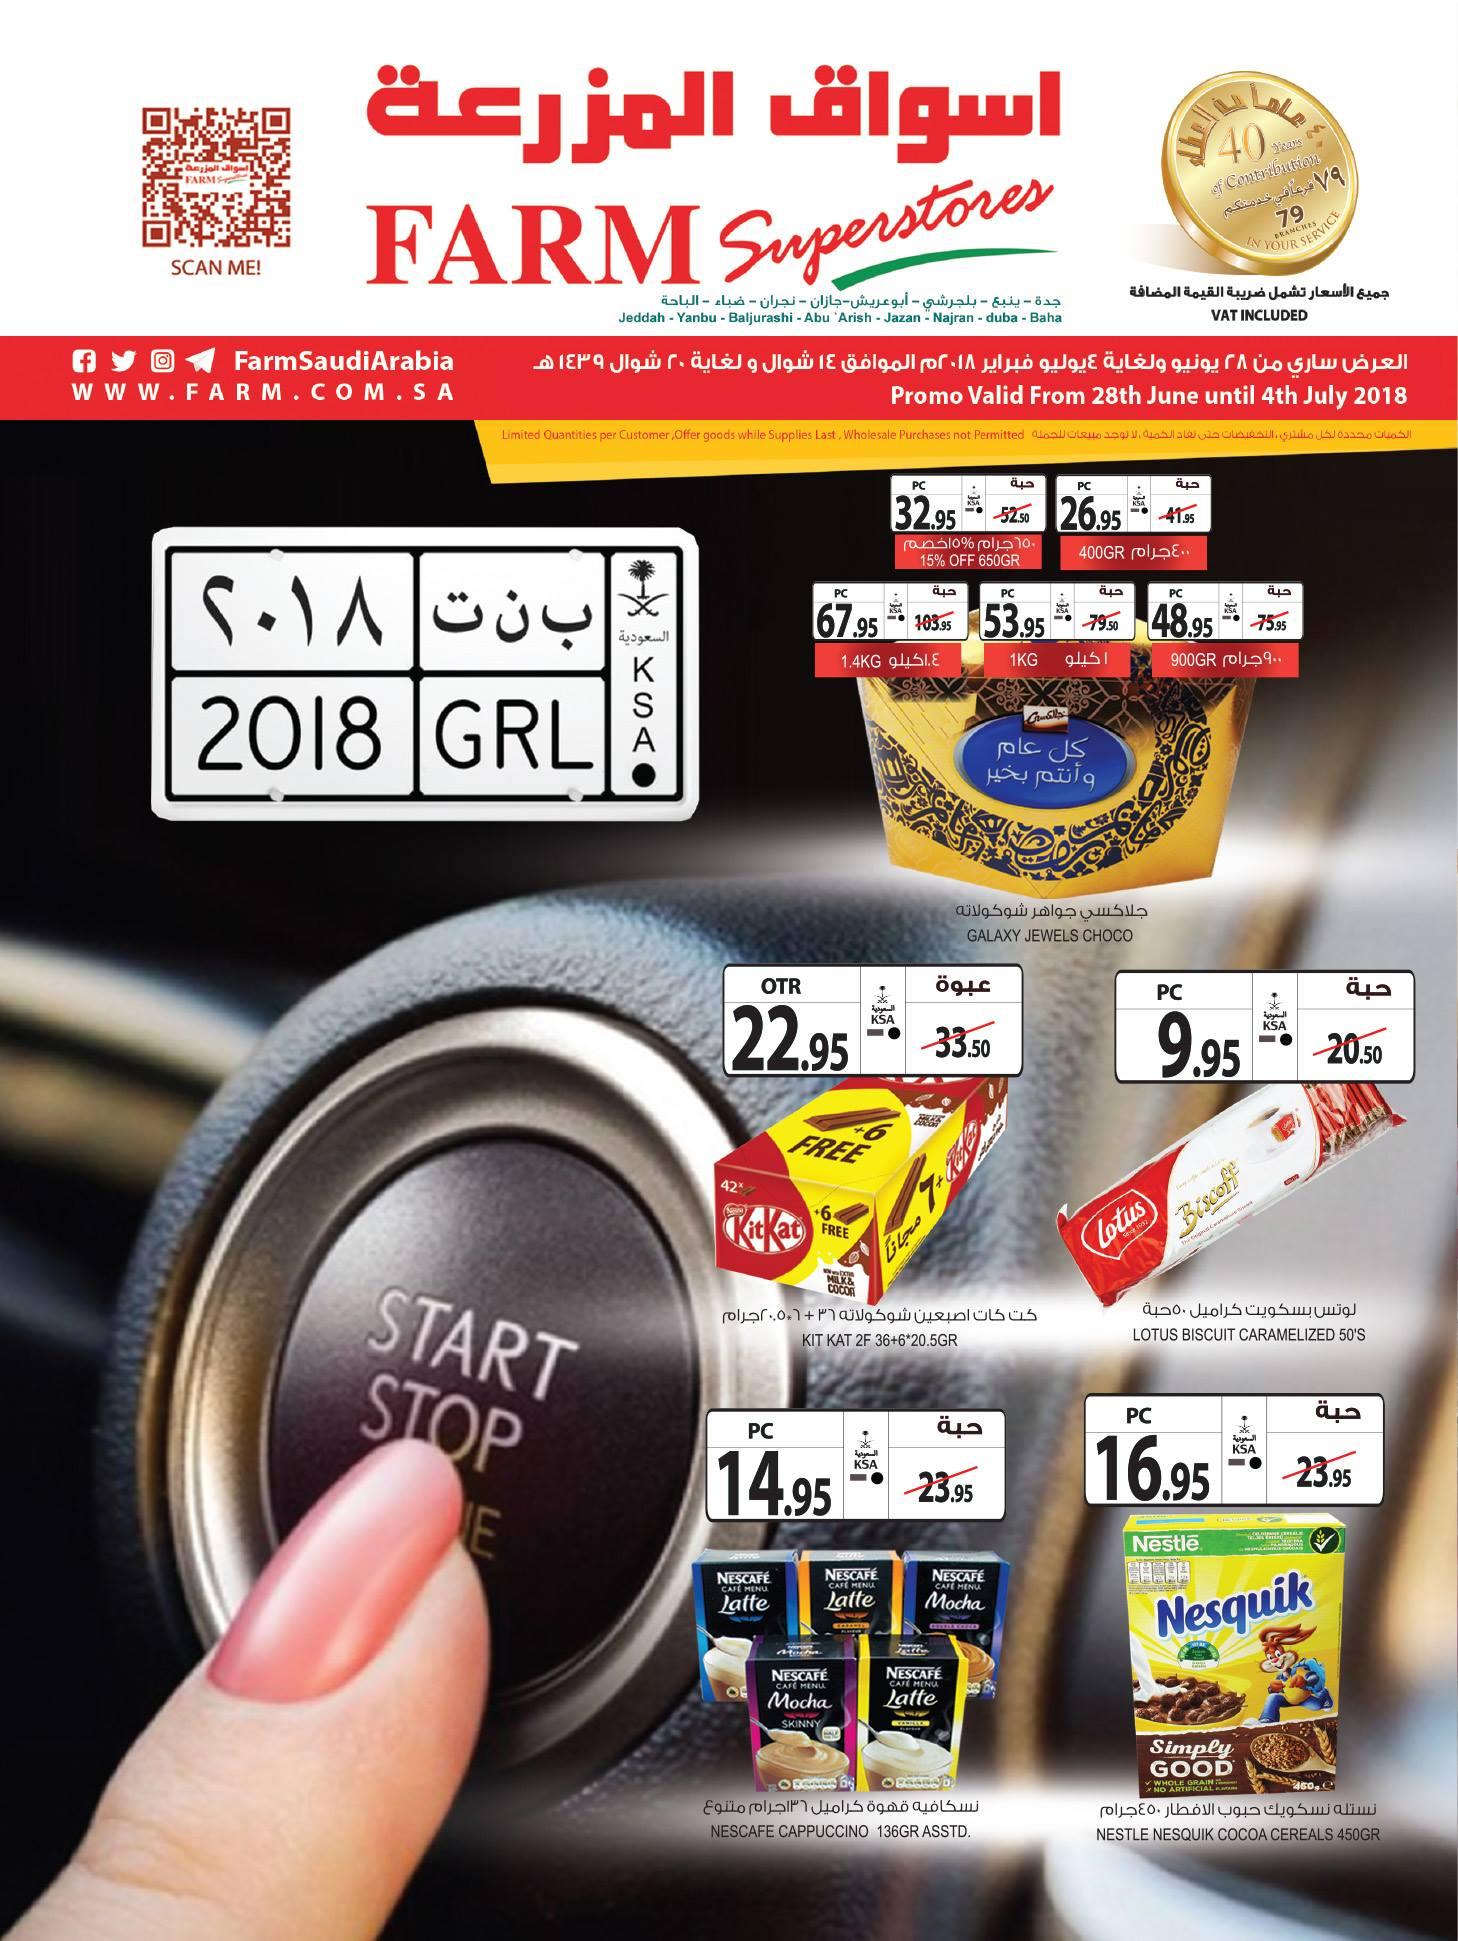 عروض المزرعة الغربية الخميس 28 يونيو 2018-عروض الاسبوع الجديدة